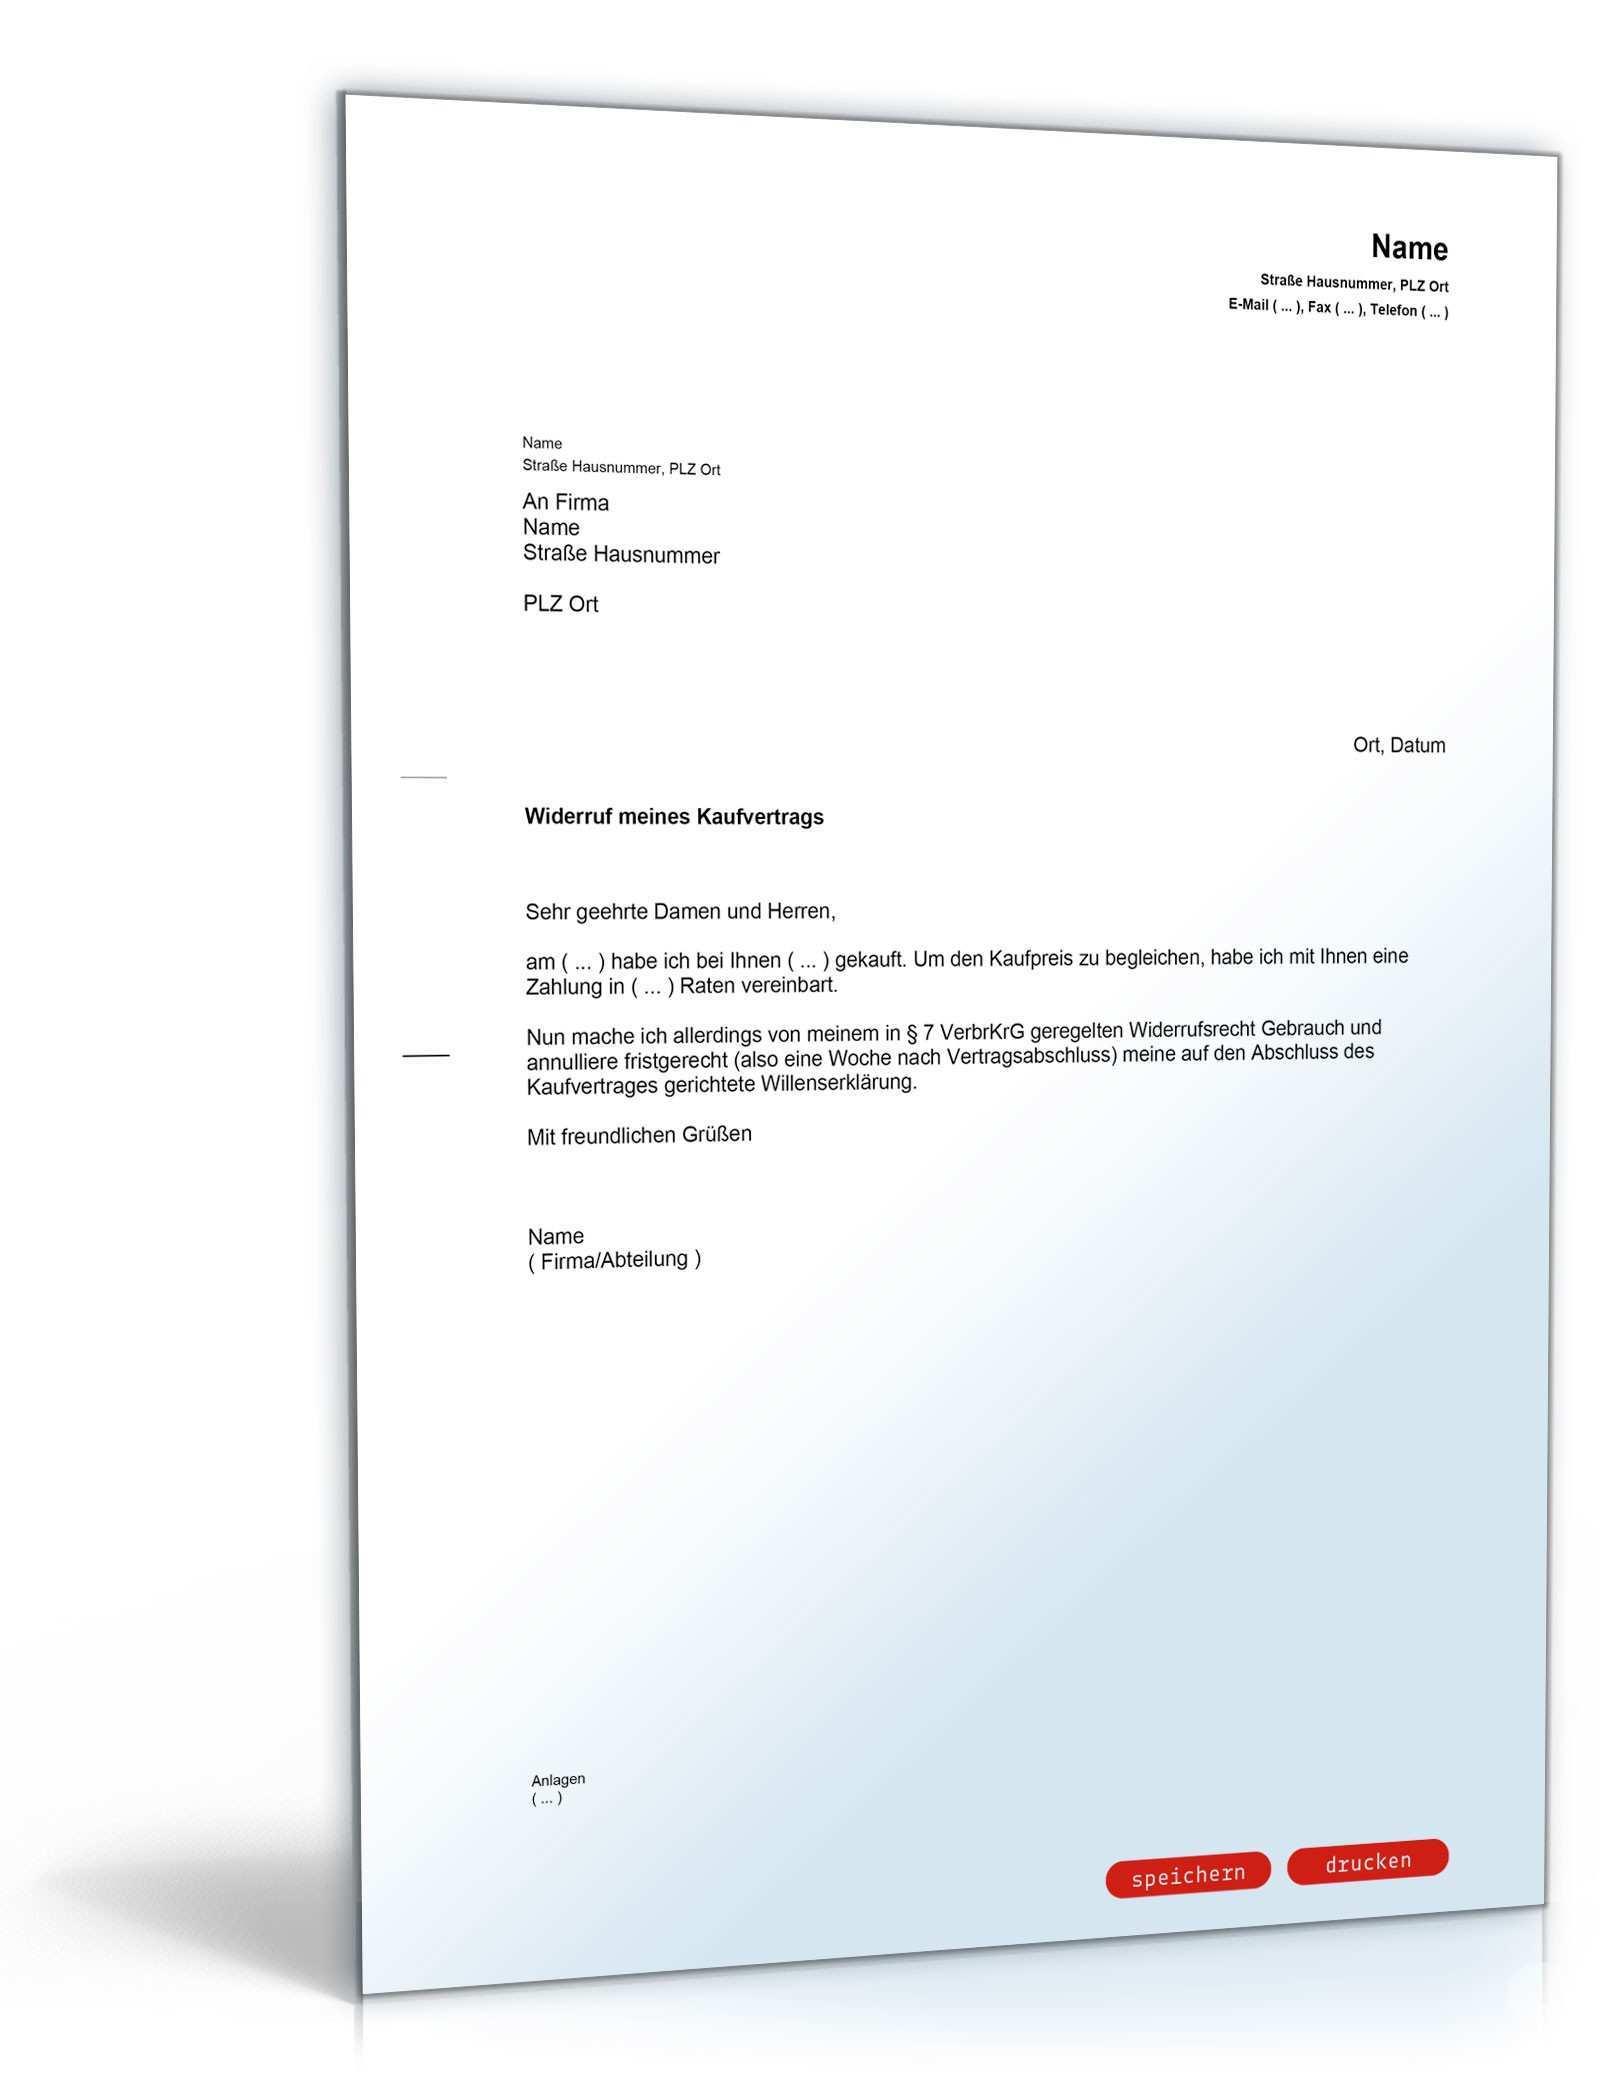 Widerruf Kaufvertrag Mit Ratenzahlung Muster Vorlage Zum Download